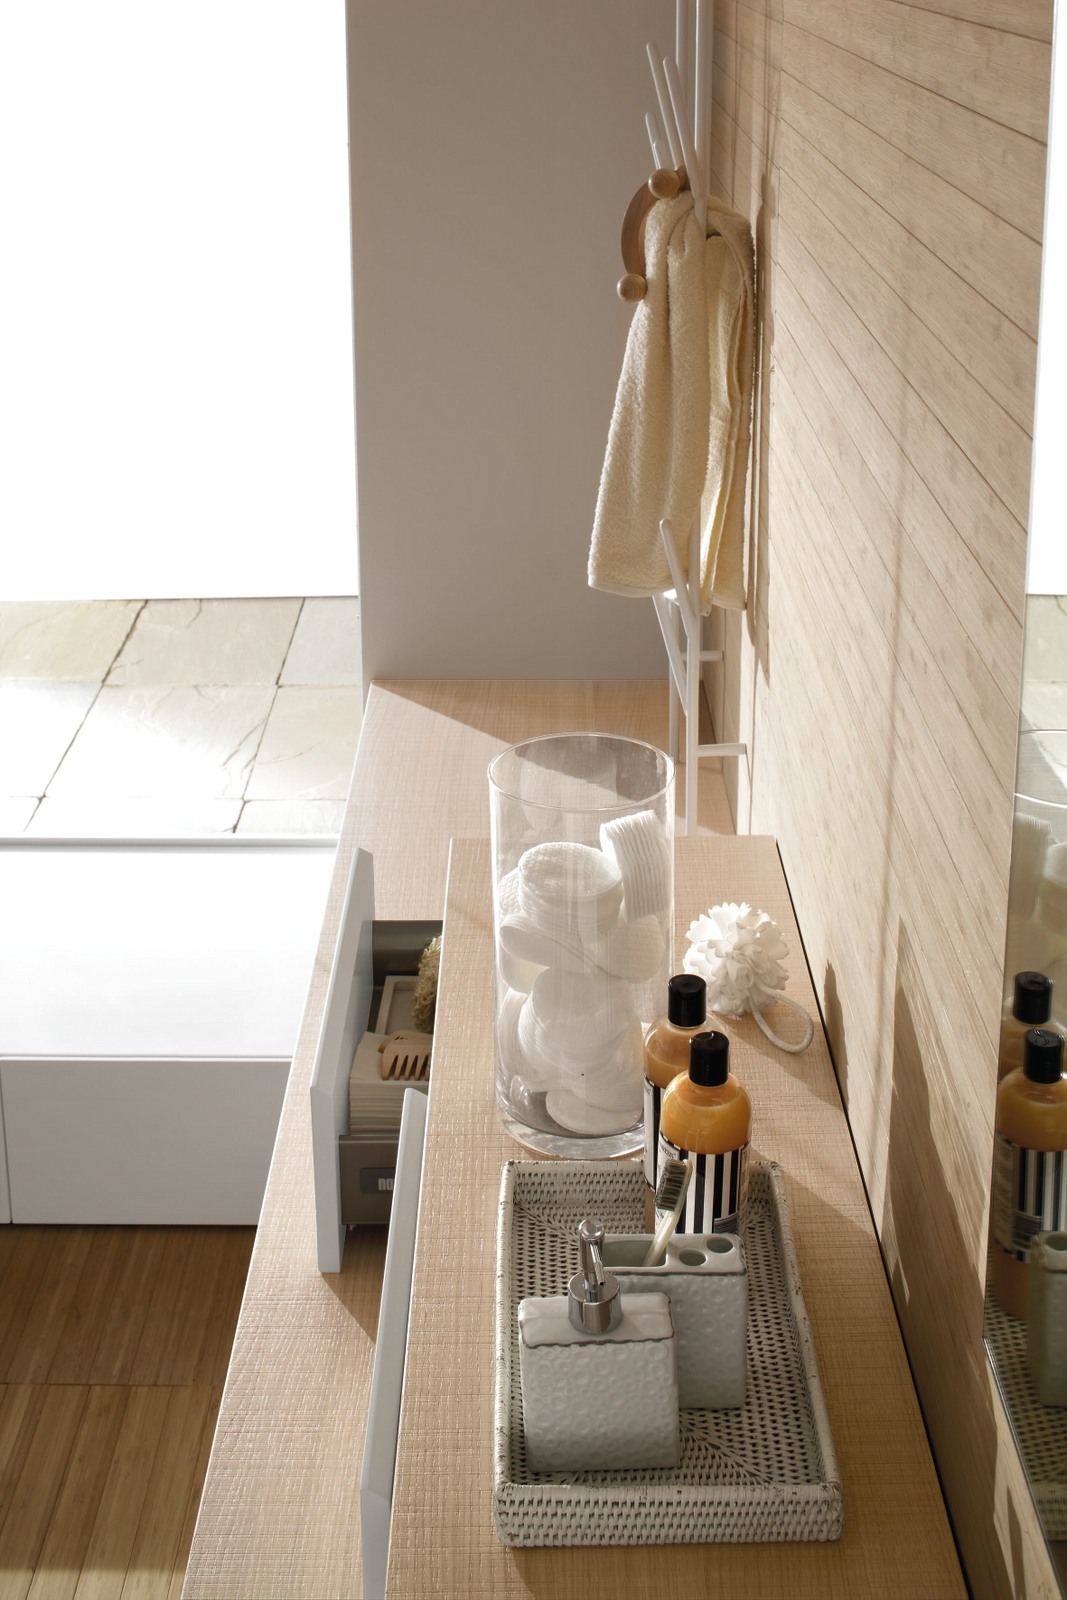 Offerte arredo bagno milano parete attrezzata classica for Offerte arredo bagno